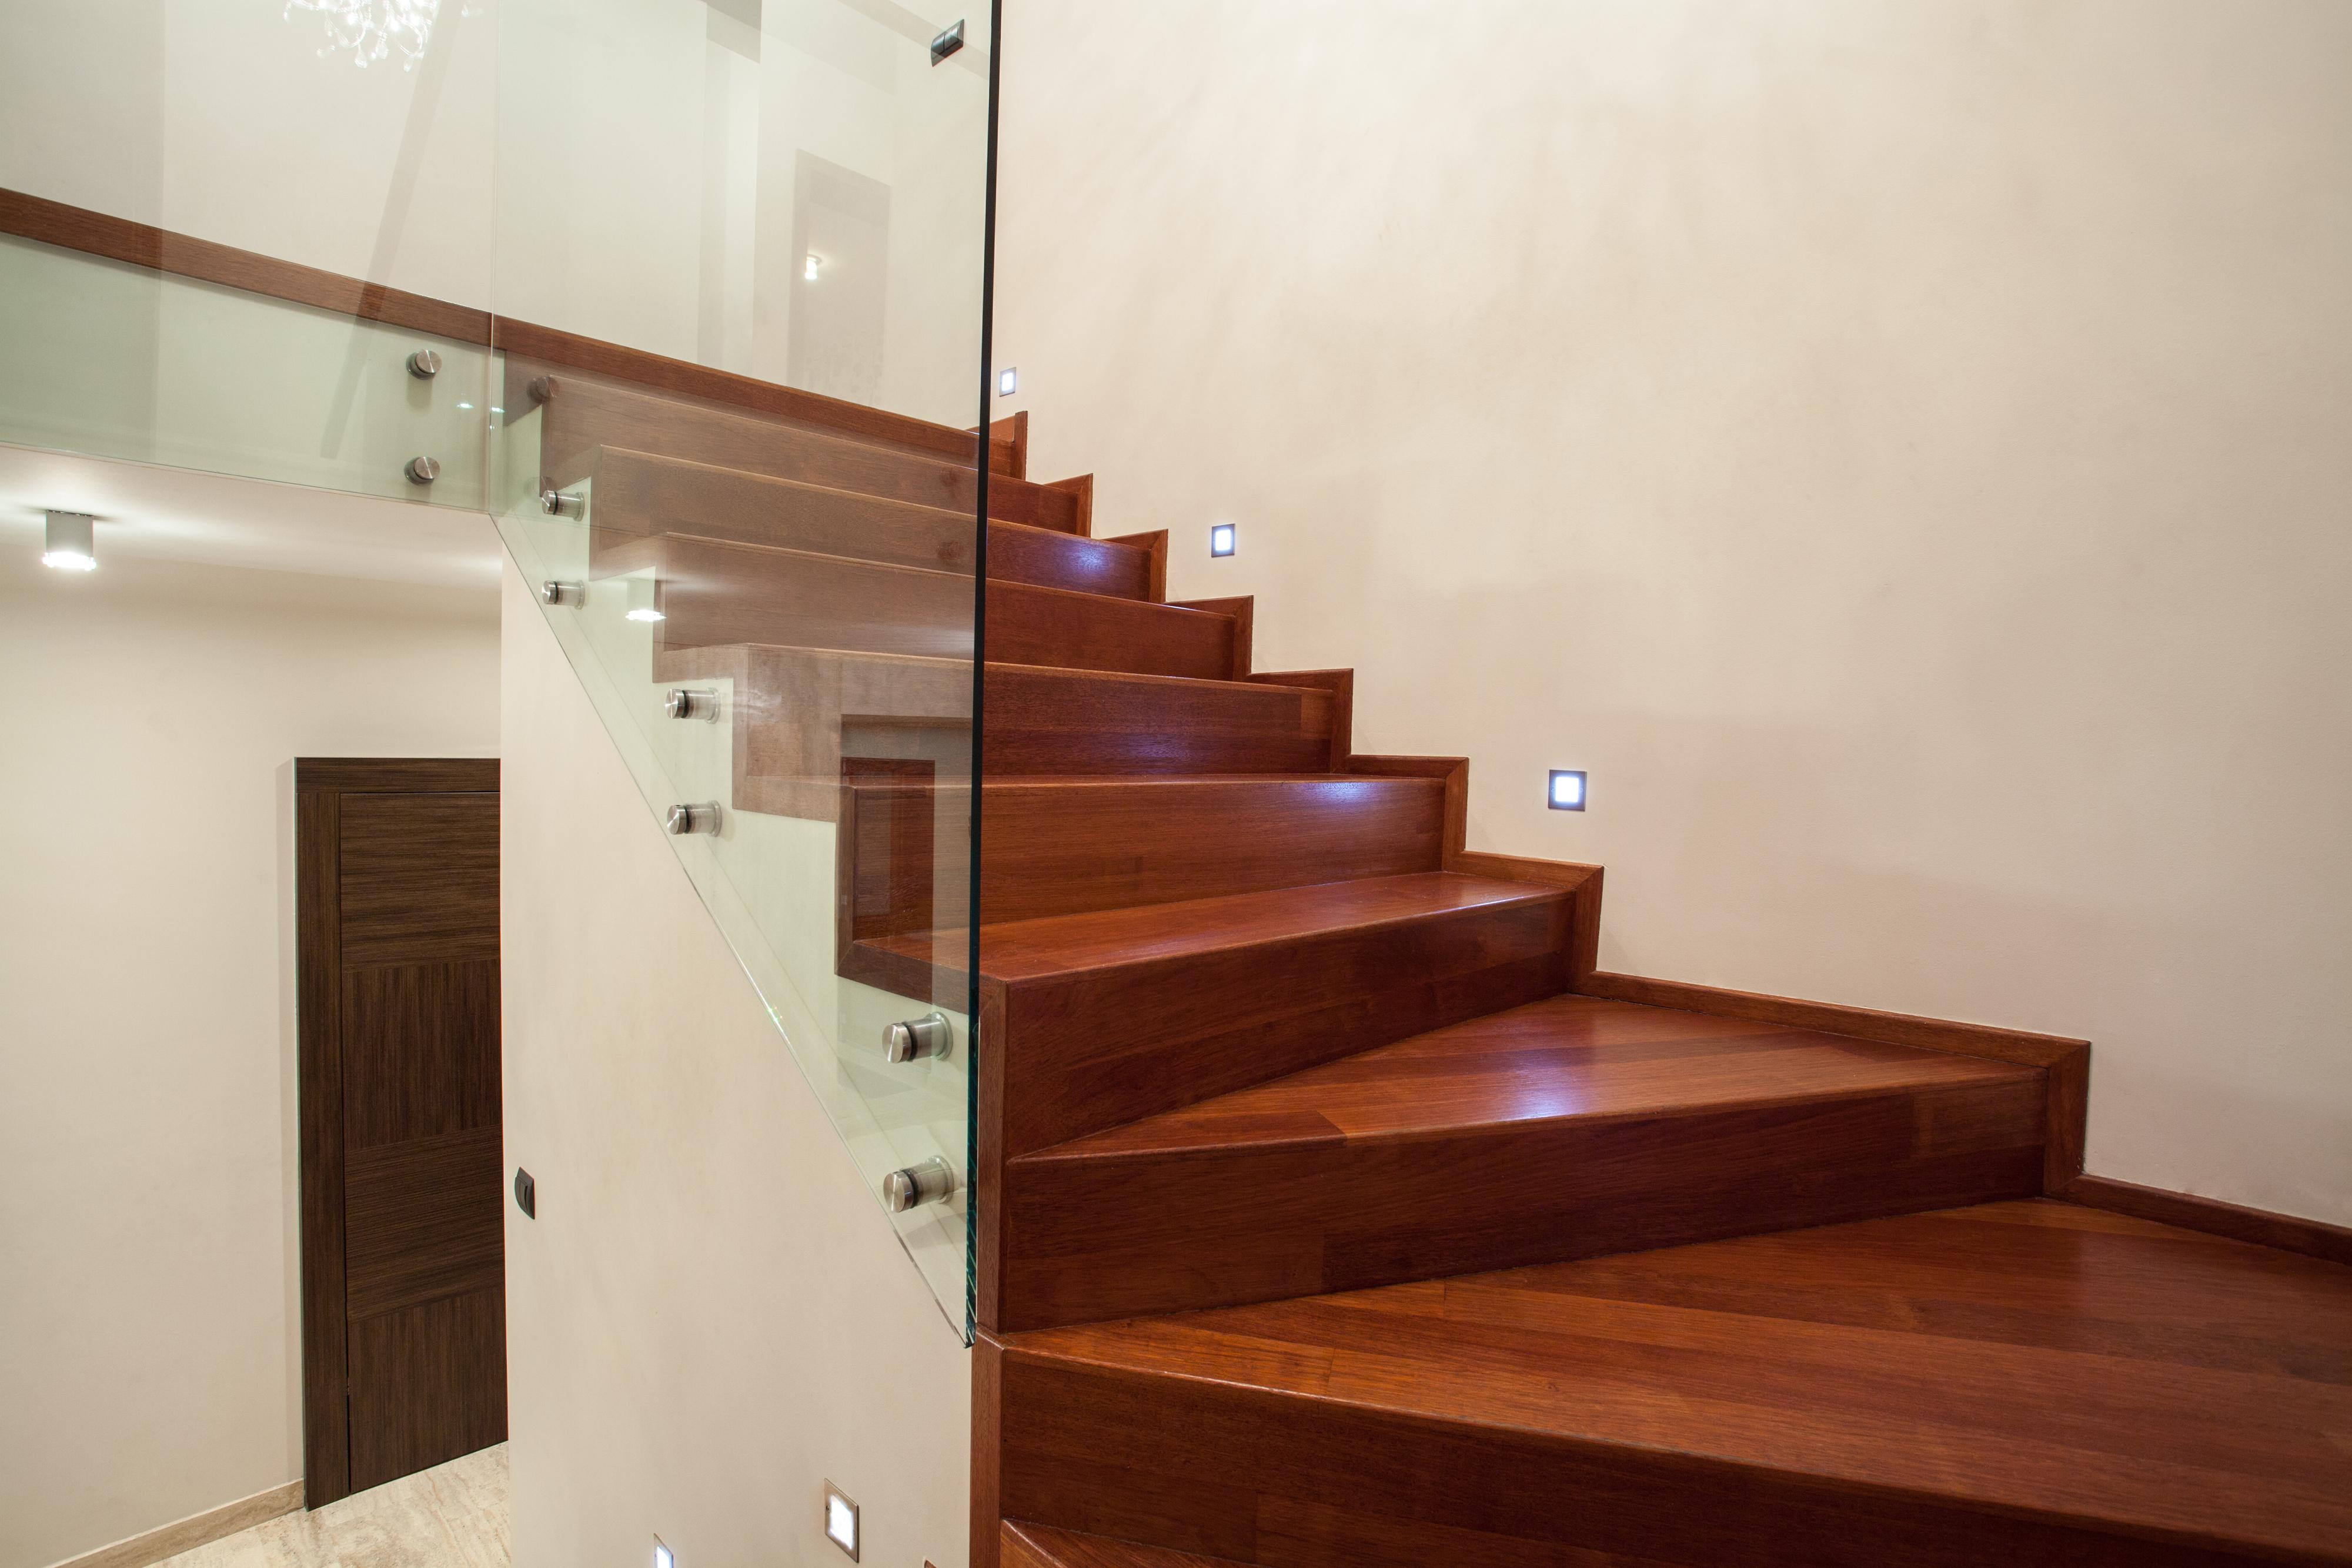 Materiales para escaleras perfect quieres ms informacin - Materiales para escaleras ...